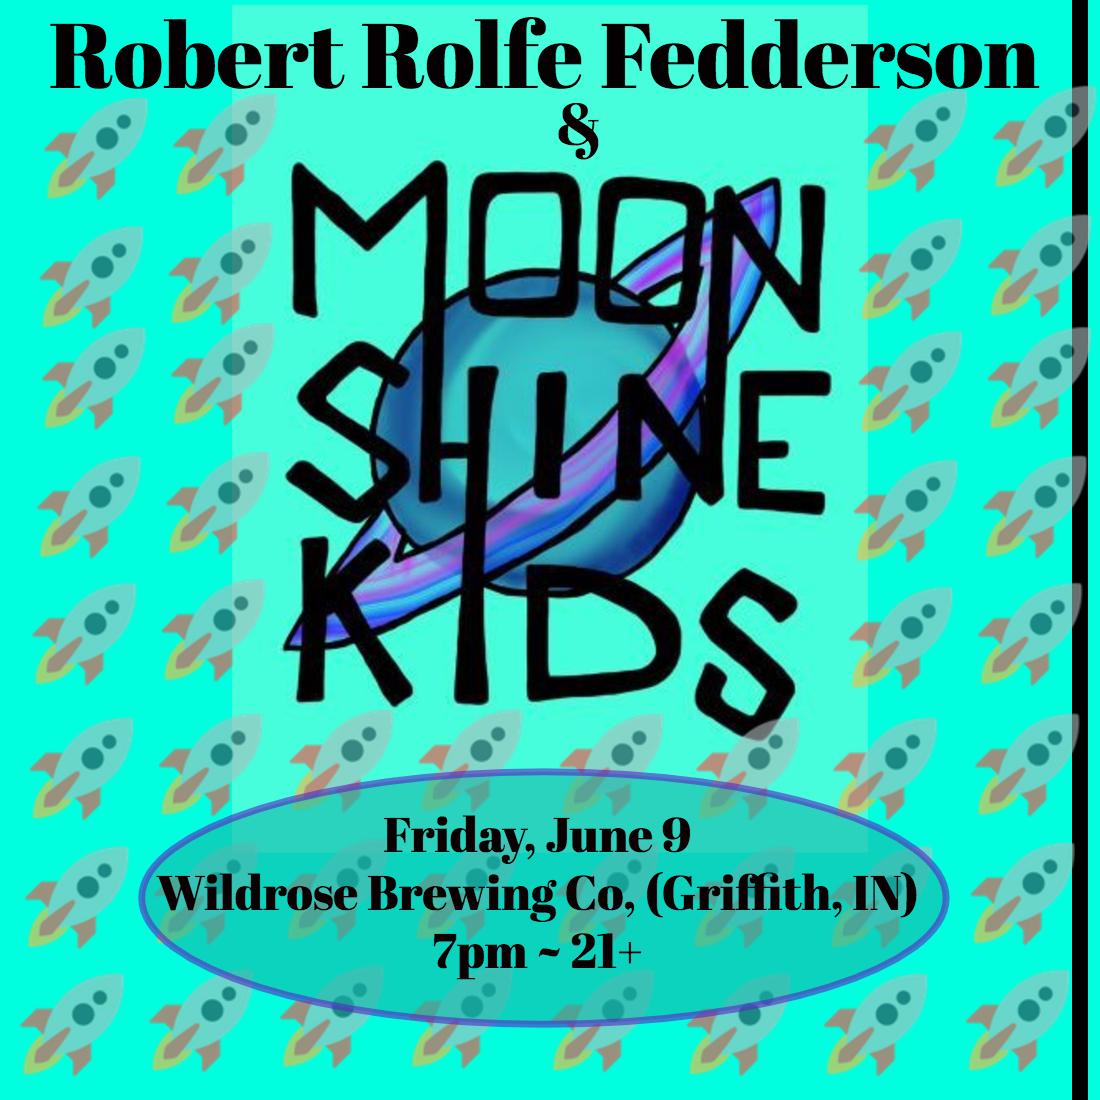 RRF Poster.jpg